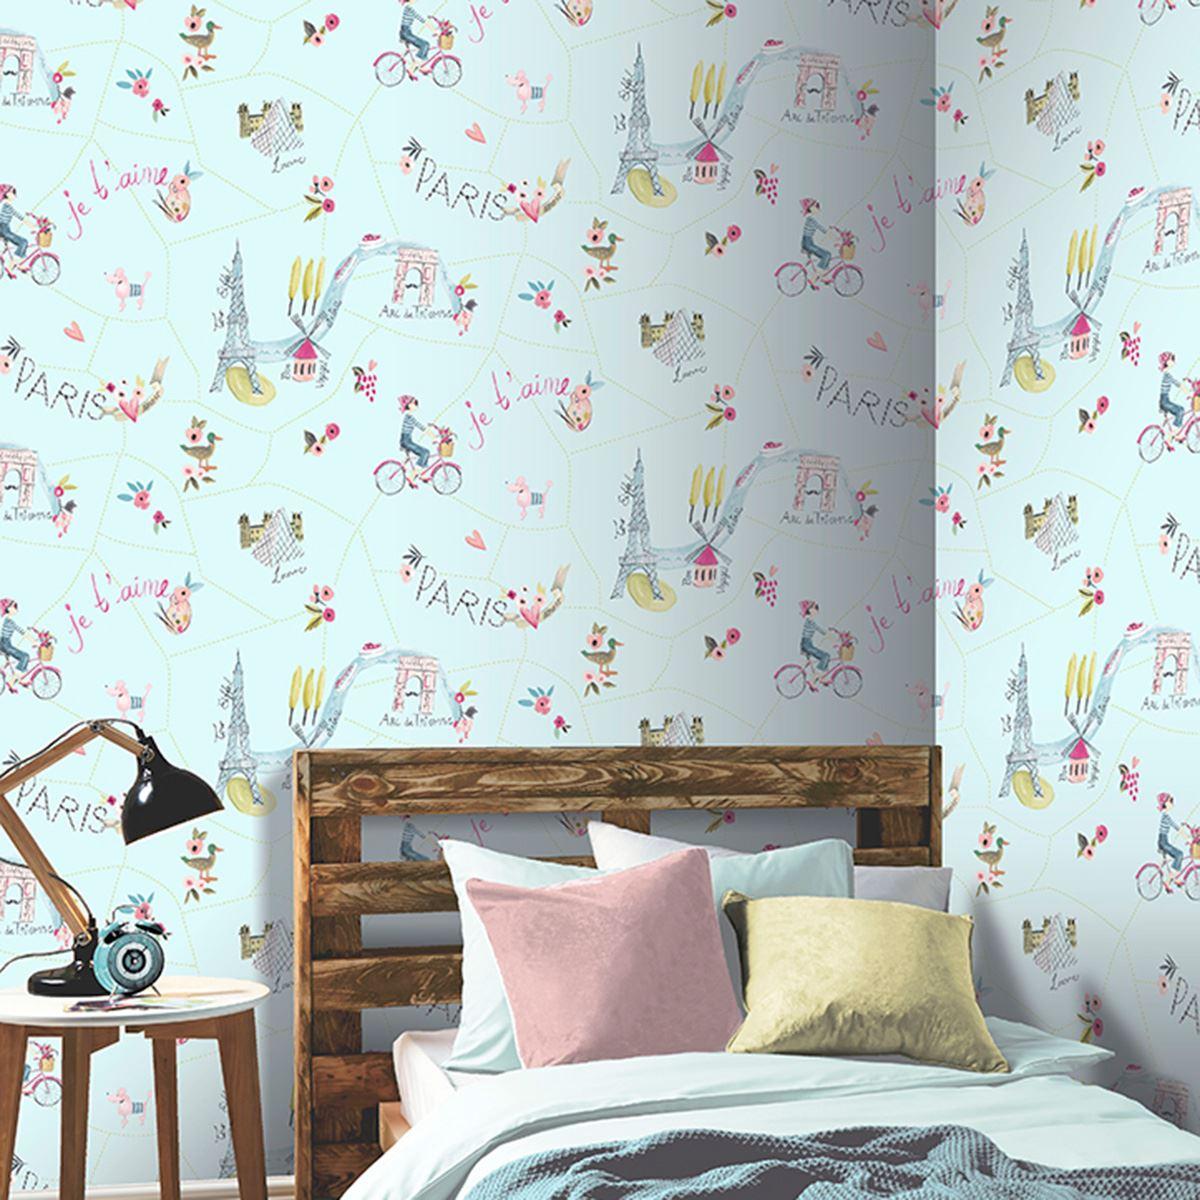 girls wallpaper themed bedroom unicorn stars heart glitter chic girls wallpaper themed bedroom unicorn stars heart glitter